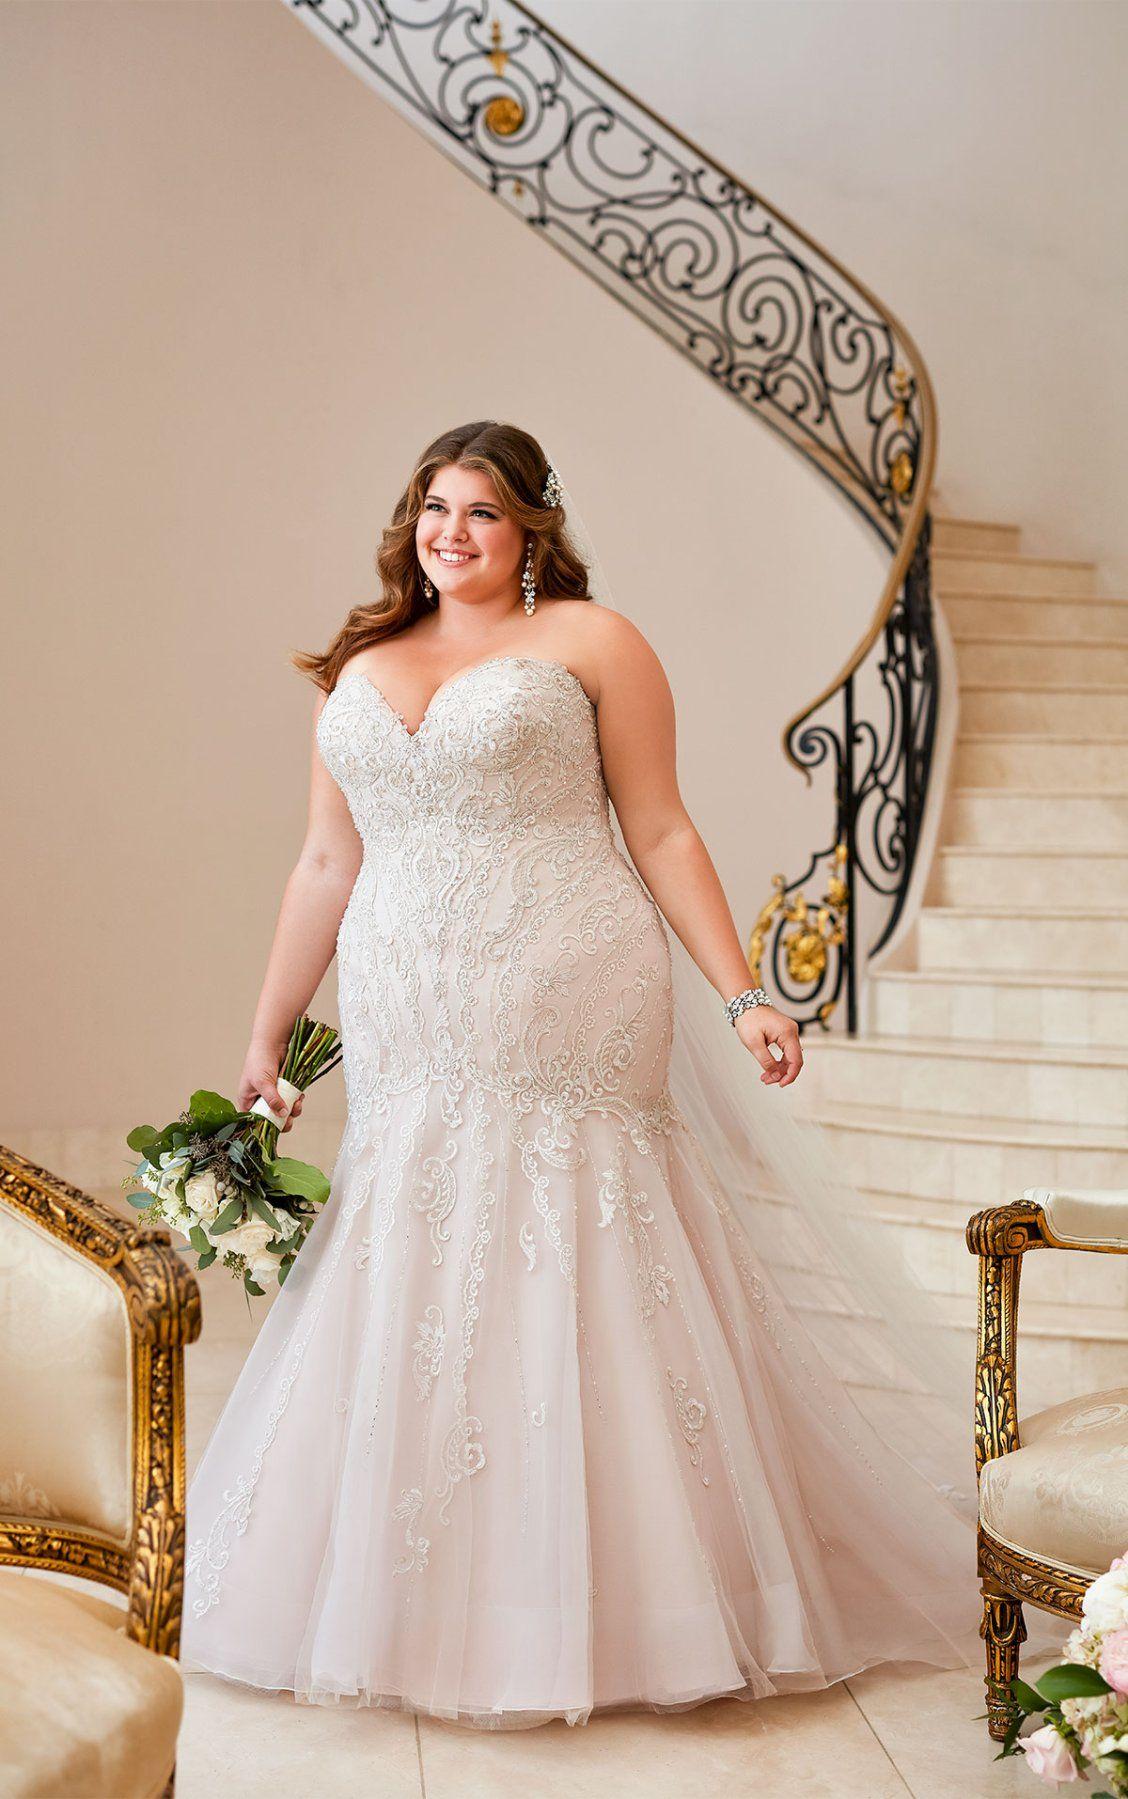 Mermaid Wedding Dress with Glamorous Lace Plus wedding